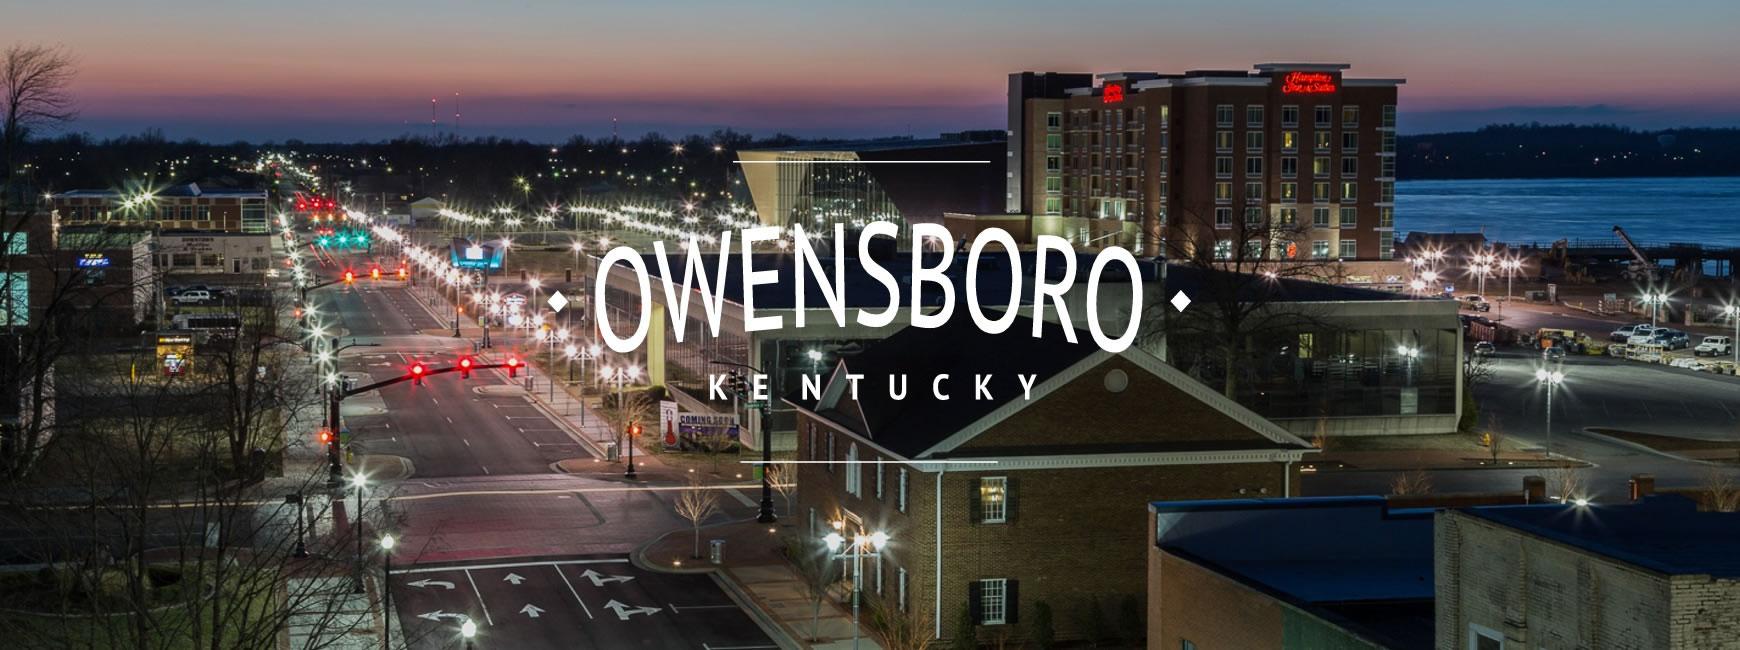 Escape Owensboro.jpg